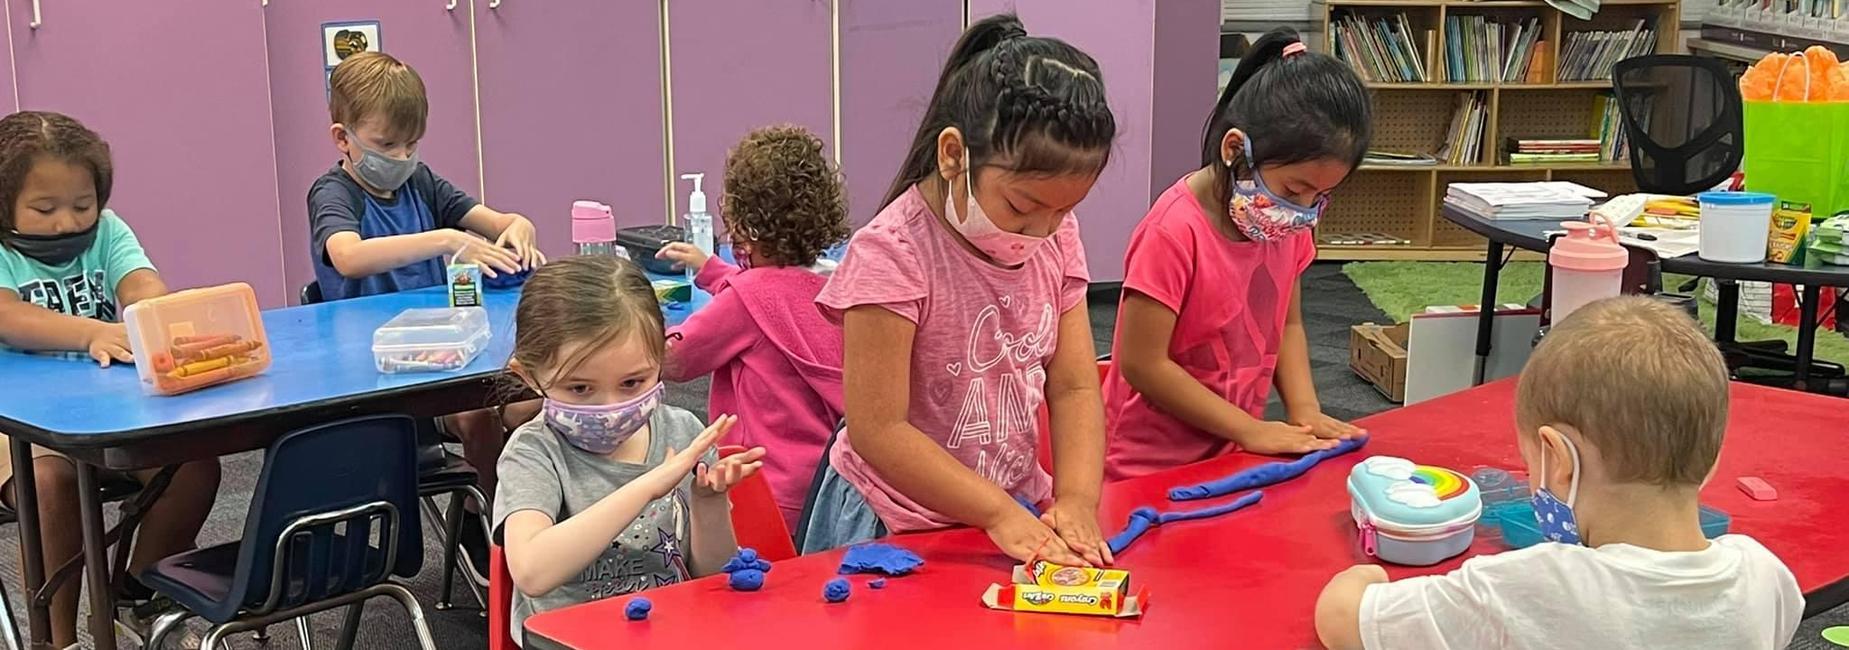 Vaile kindergarten students